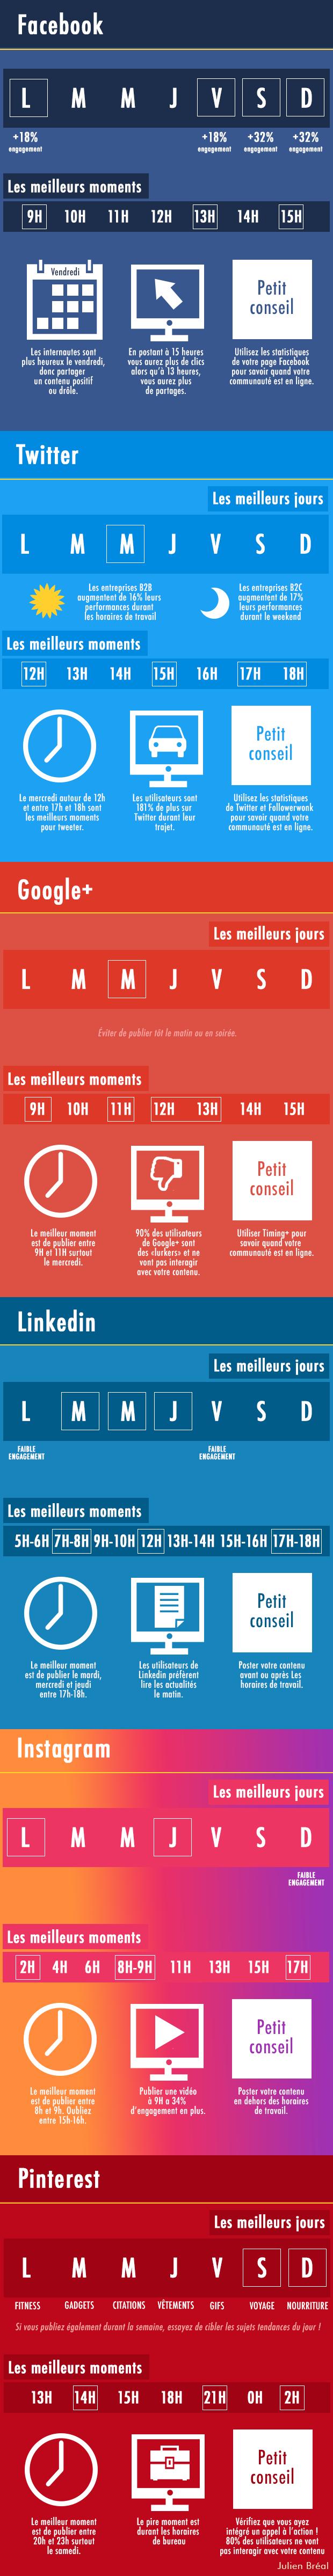 Infographie-Les-meilleurs-moments-pour-publier-sur-les-reseau-sociaux1